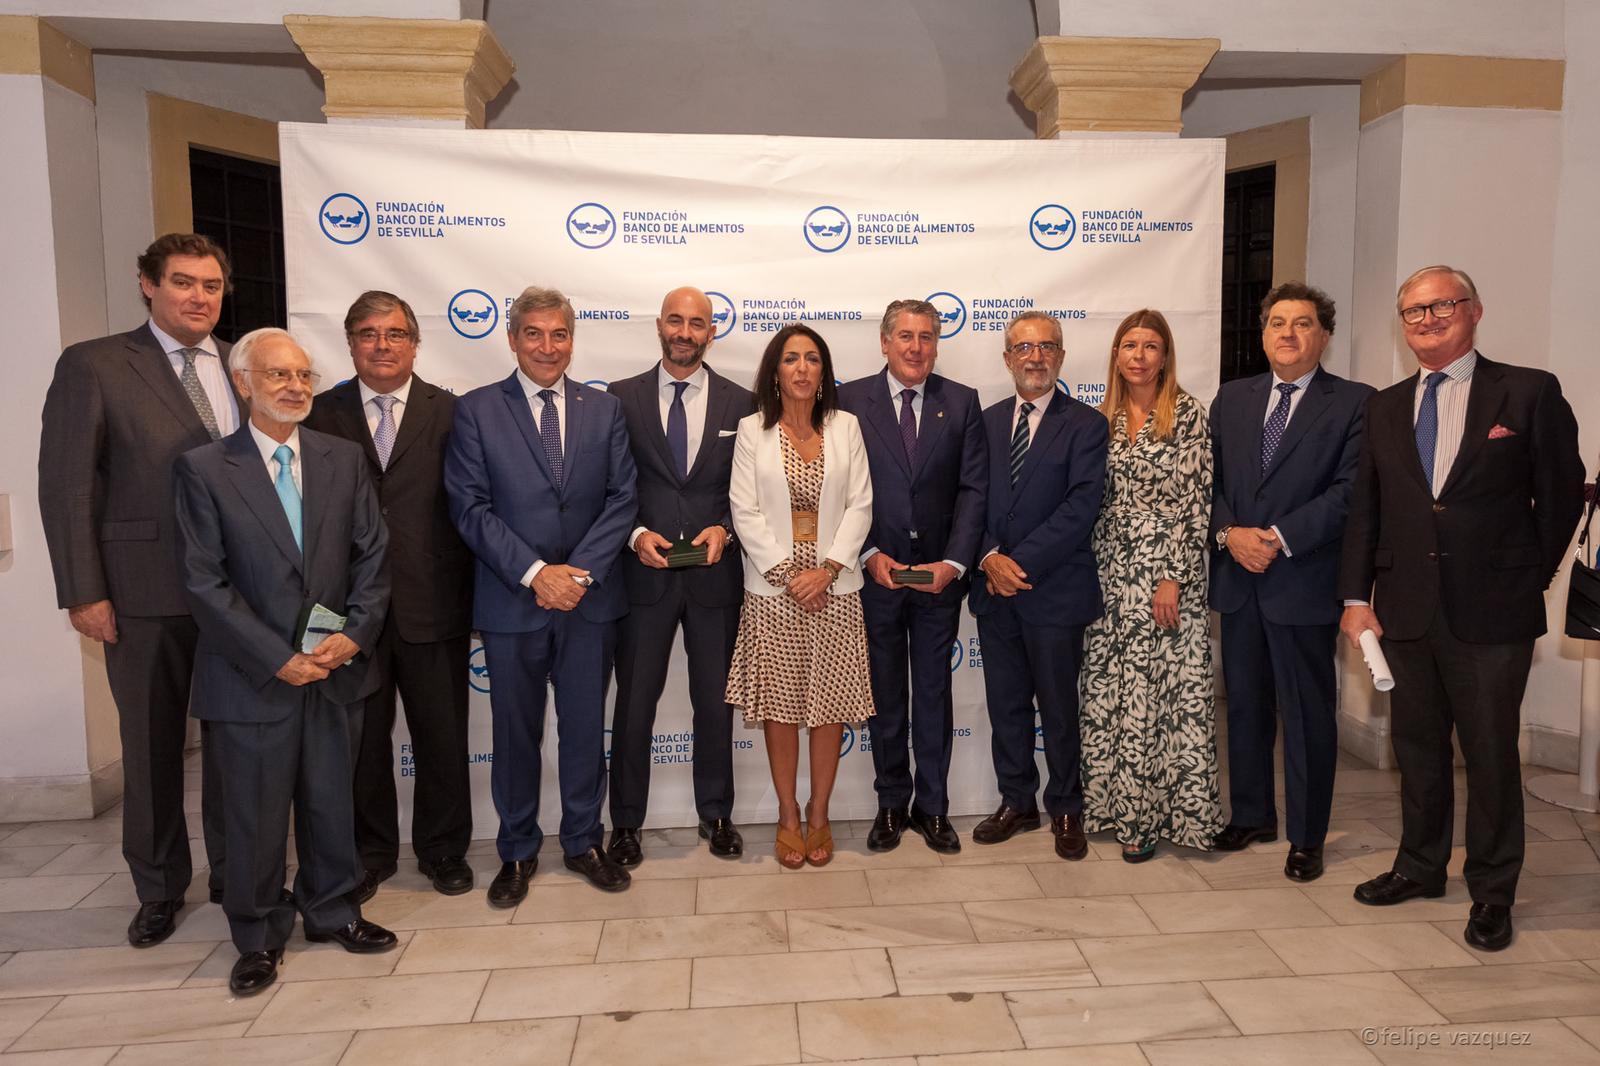 Premios de la Fundacion Banco de Alimentos